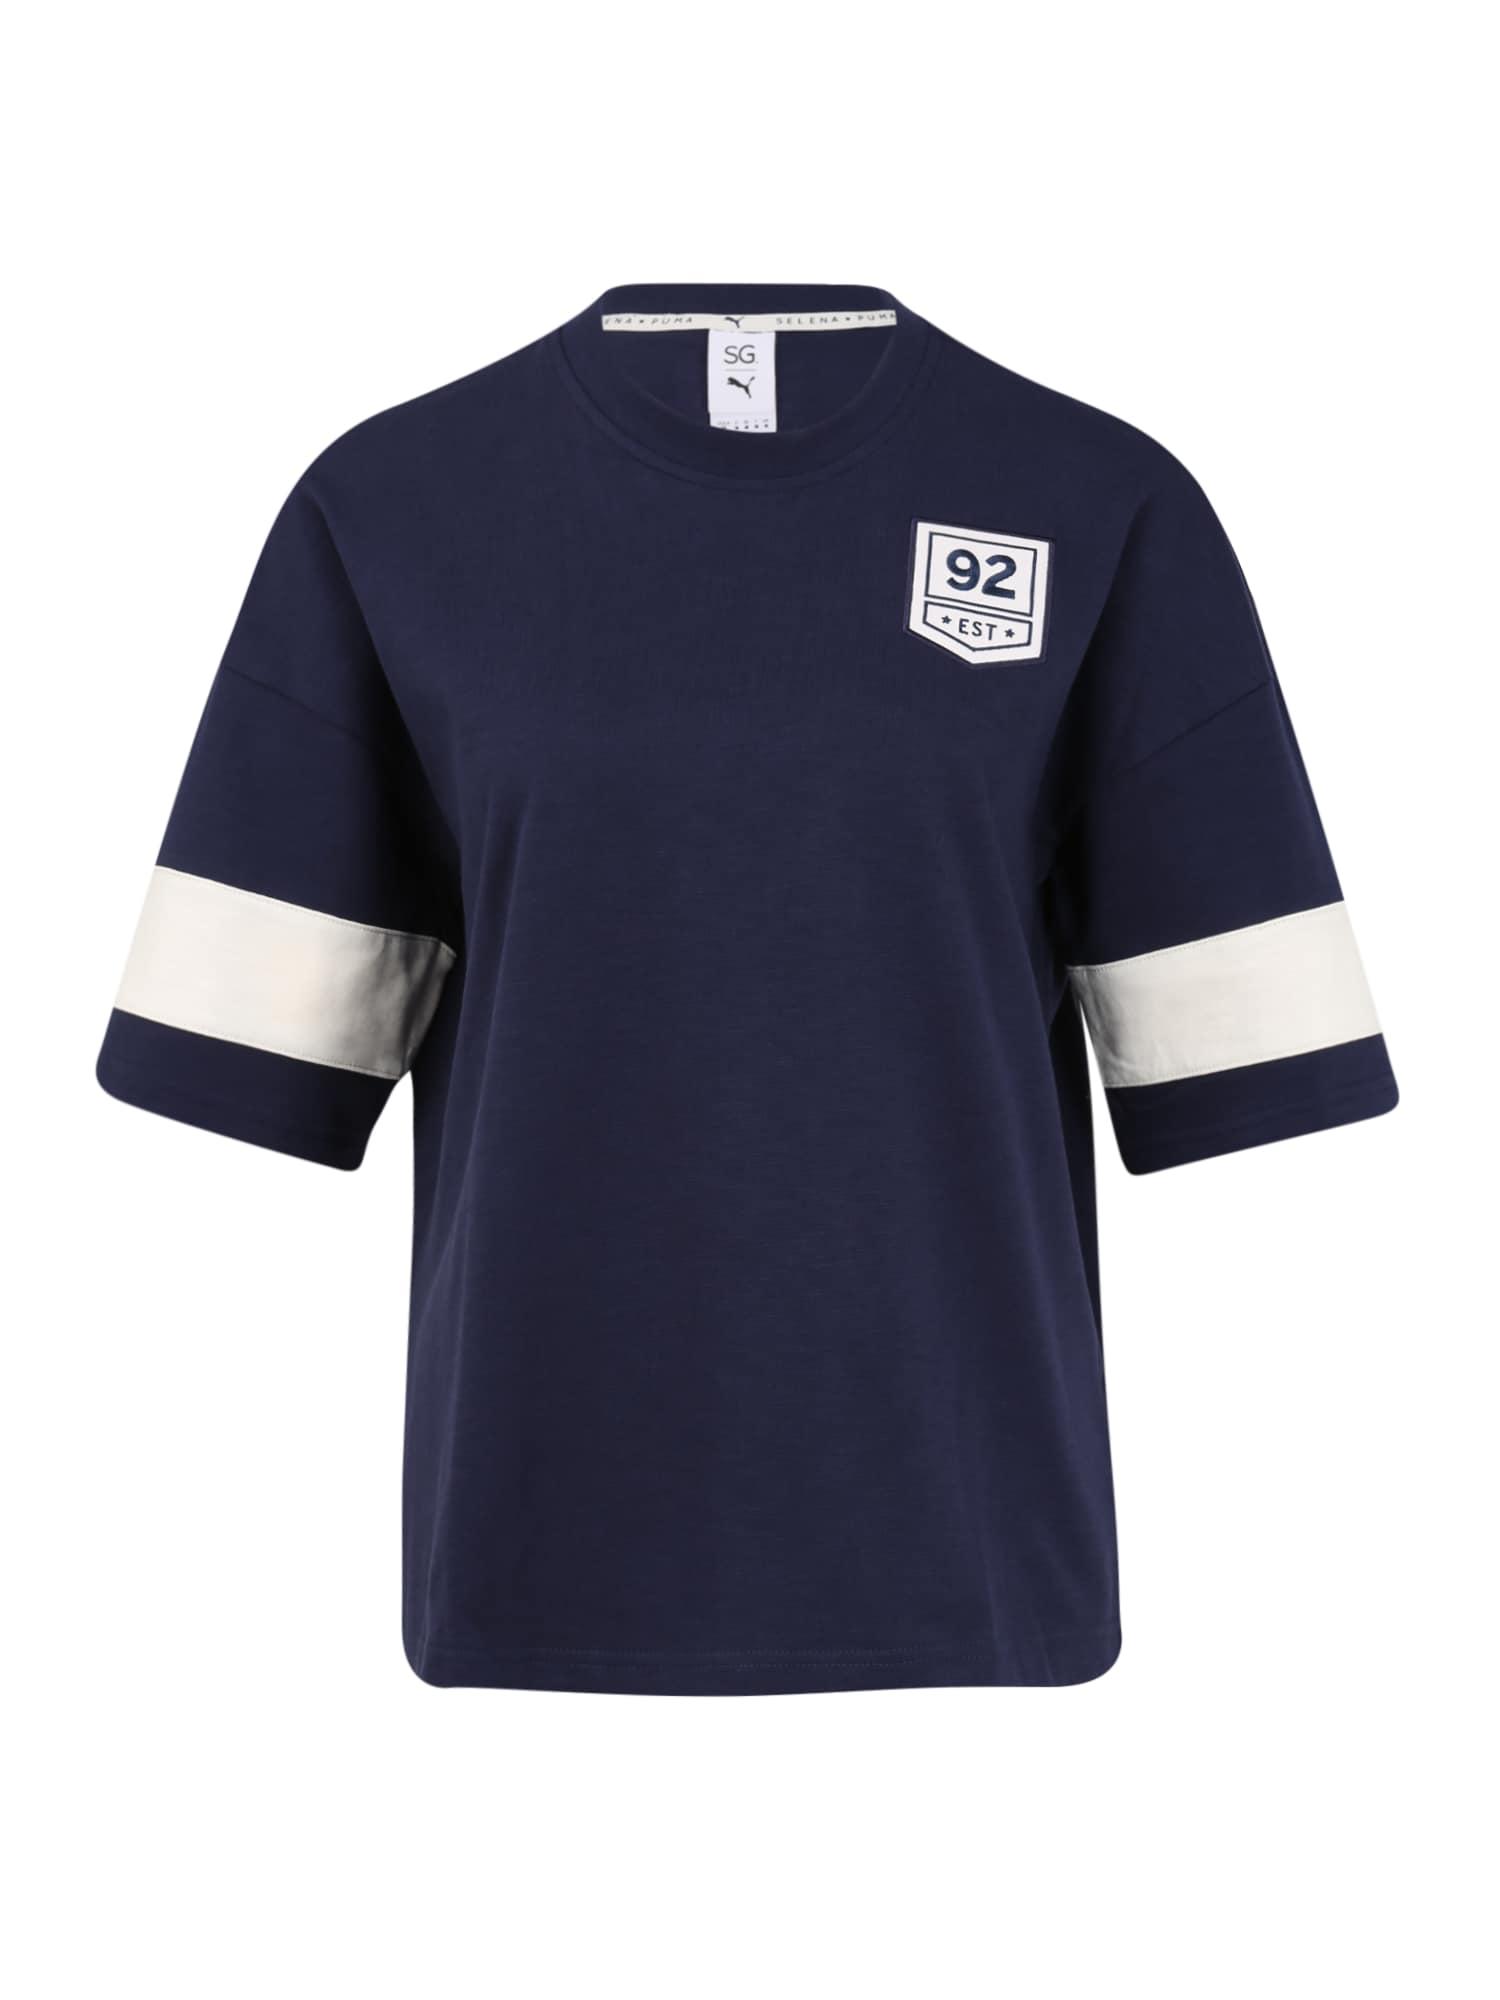 PUMA Sportiniai marškinėliai 'PUMA X SG' balta / tamsiai mėlyna